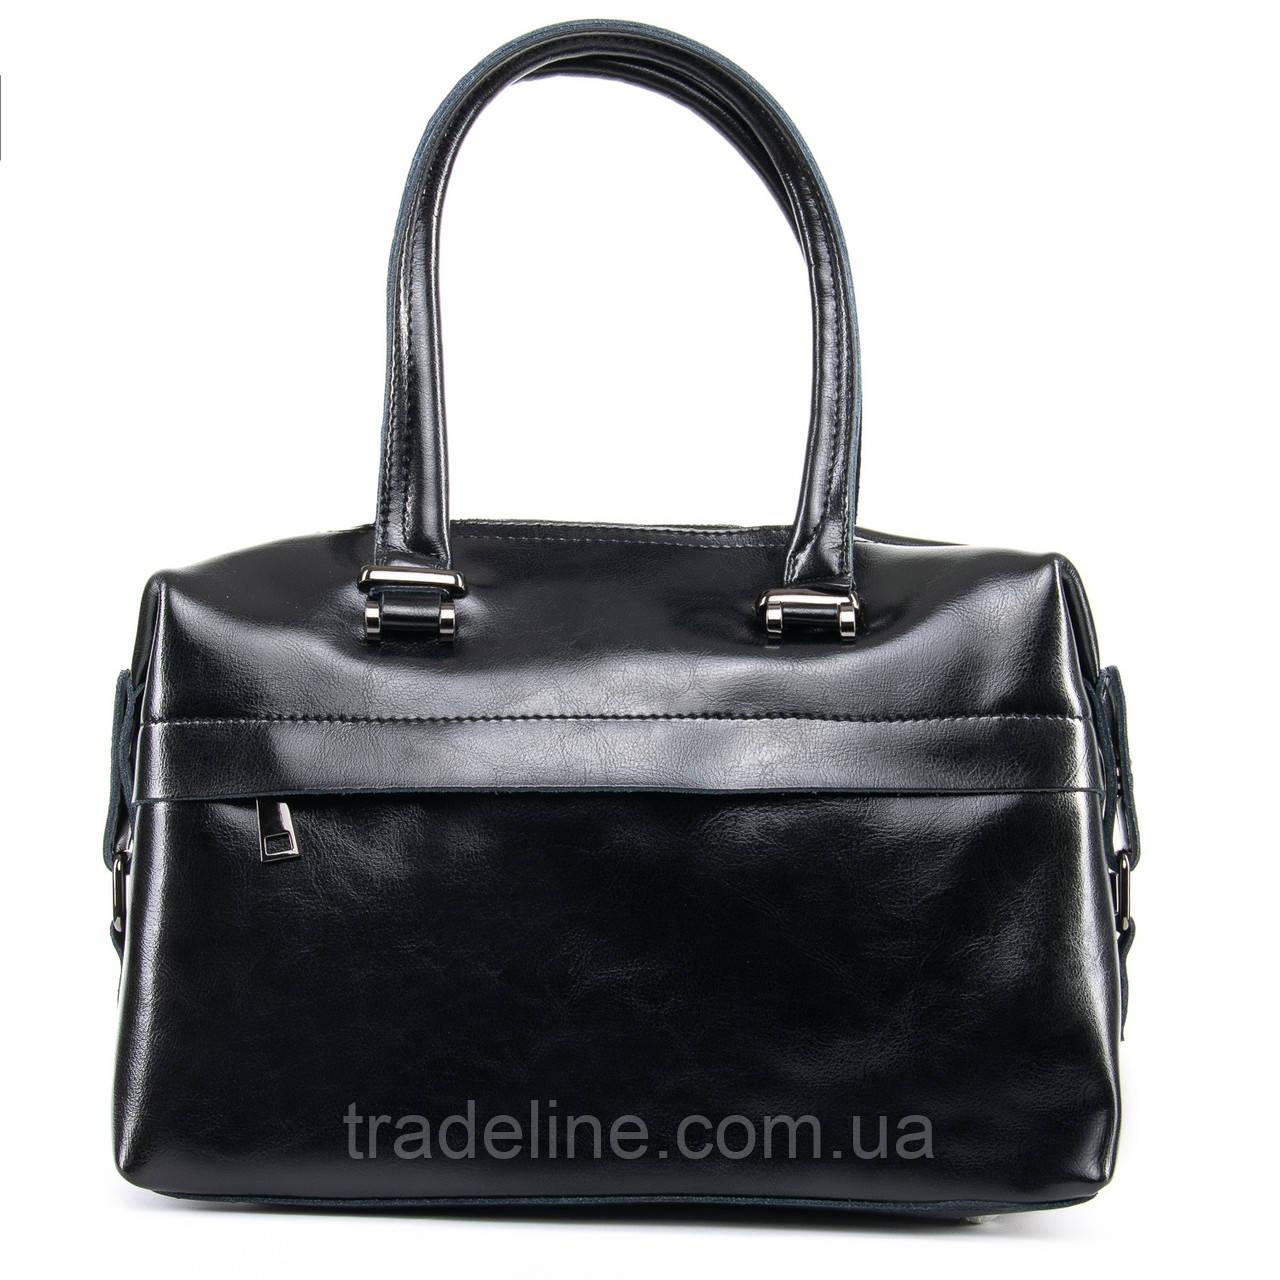 Сумка Женская Классическая кожа ALEX RAI 09-4 P1532 black